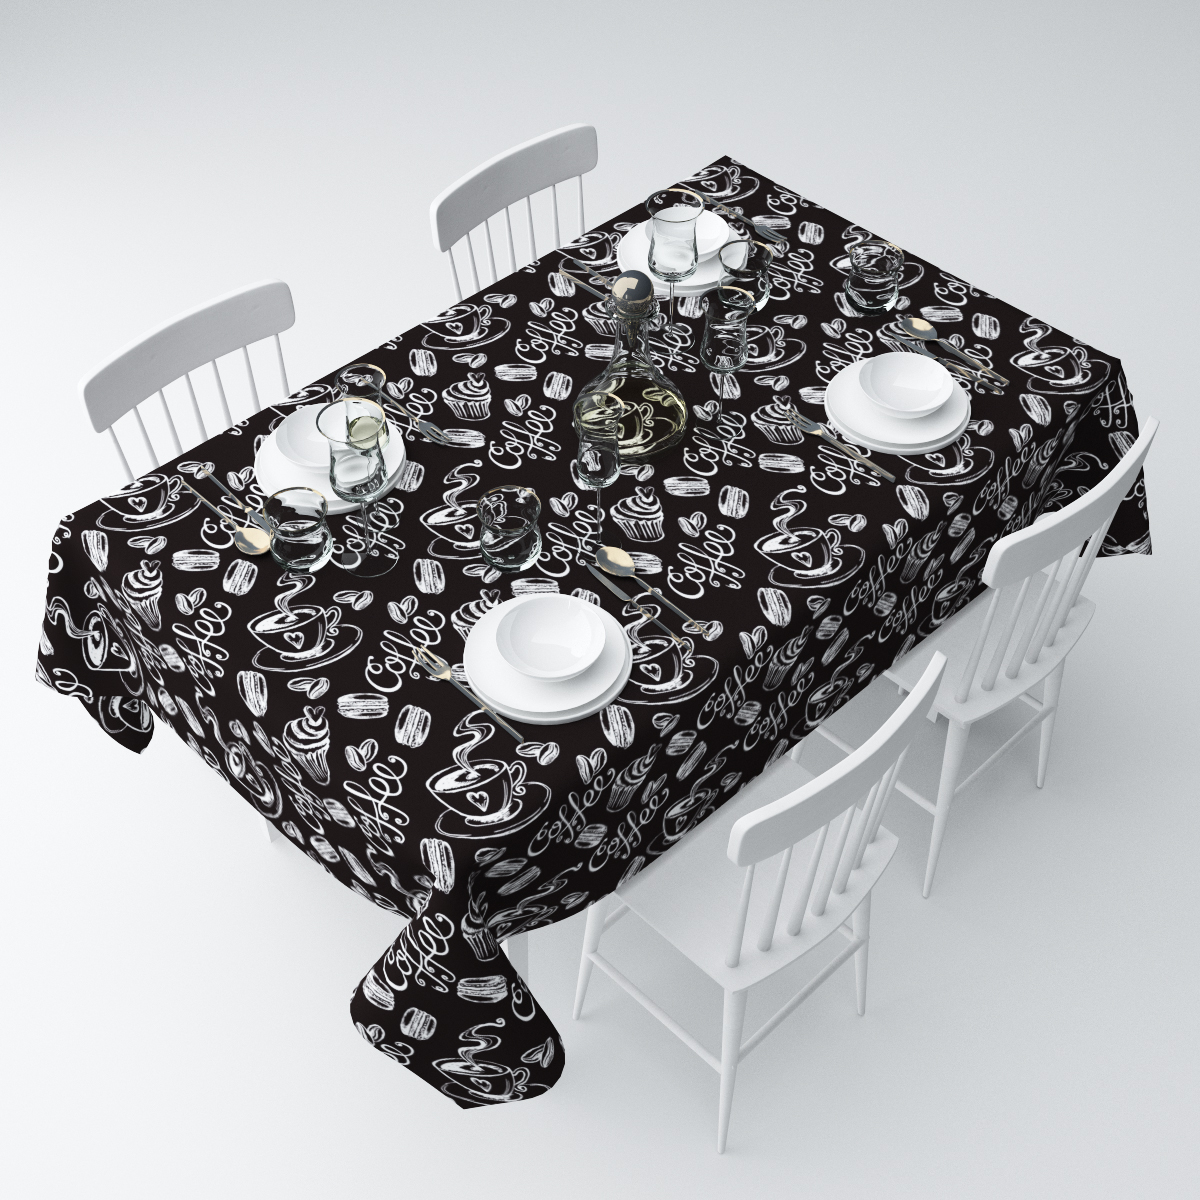 Скатерть Сирень Черный кофе, прямоугольная, 145 х 220 смСКГБ004-05233Скатерть Сирень с ярким и объемным рисунком преобразит Вашу кухню, визуально расширит пространство, создаст атмосферу радости и комфорта. Размеры: 145х220 Рекомендации по уходу: стирка при 30 градусах гладить при температуре до 110 градусов Изображение на мониторе может немного отличаться от реального.